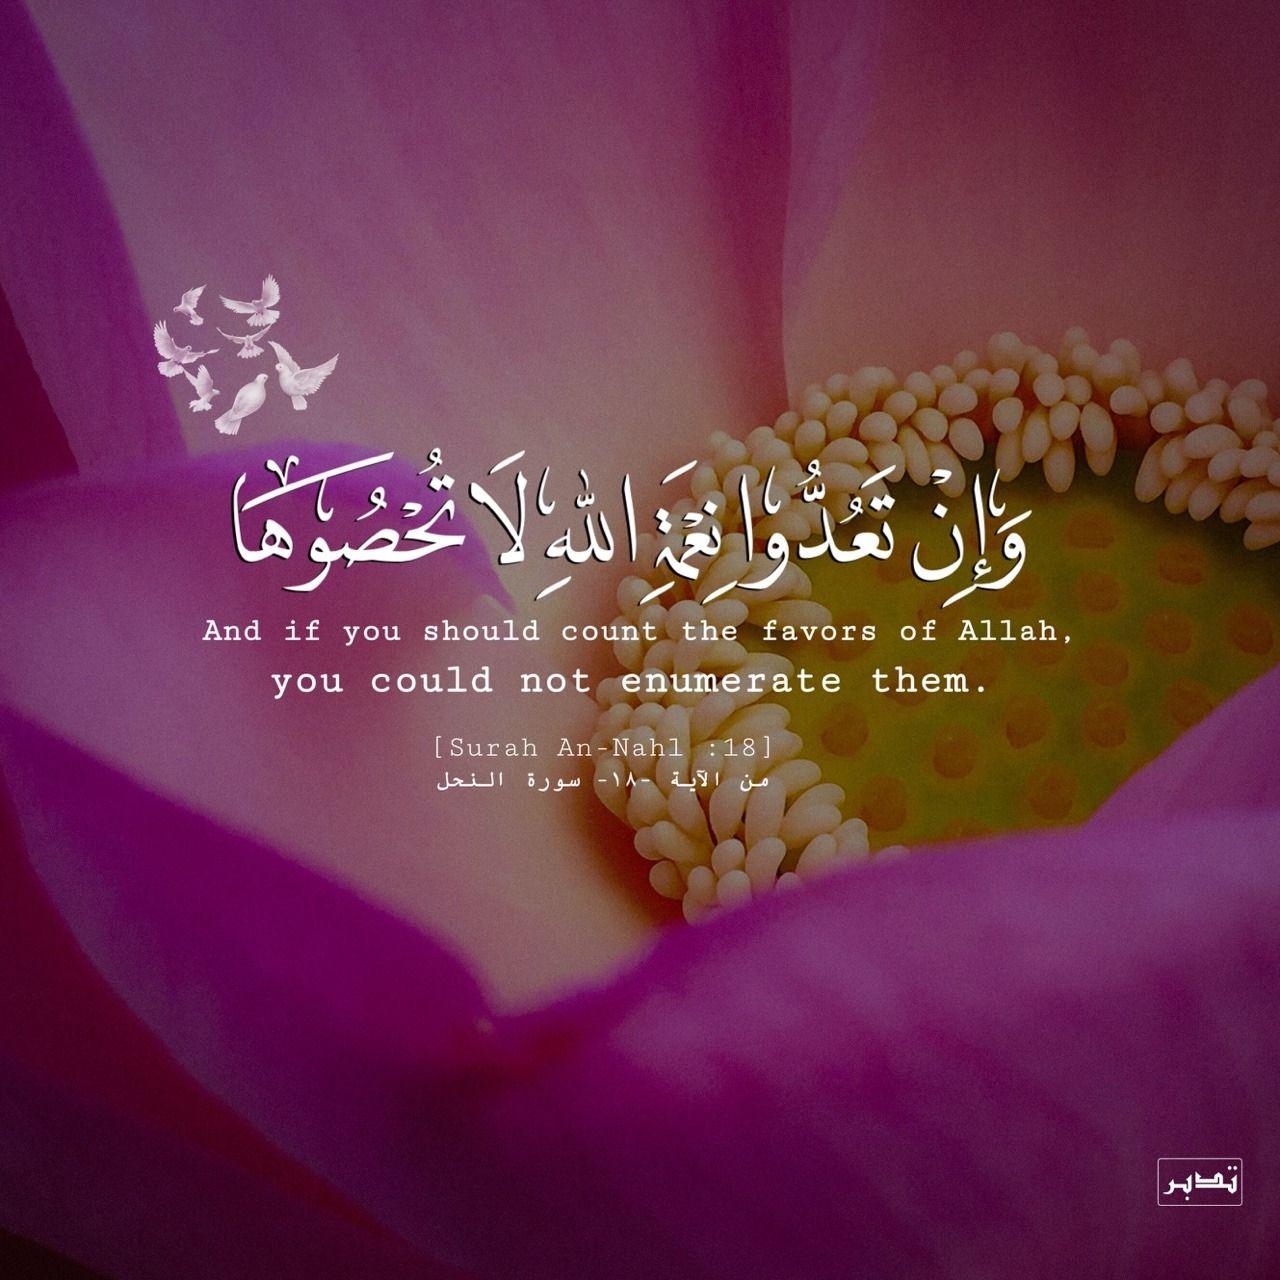 الحمد لله علي جميع نعمه ما ظهر منها وما بطن Islam Quran Islamic Quotes Noble Quran